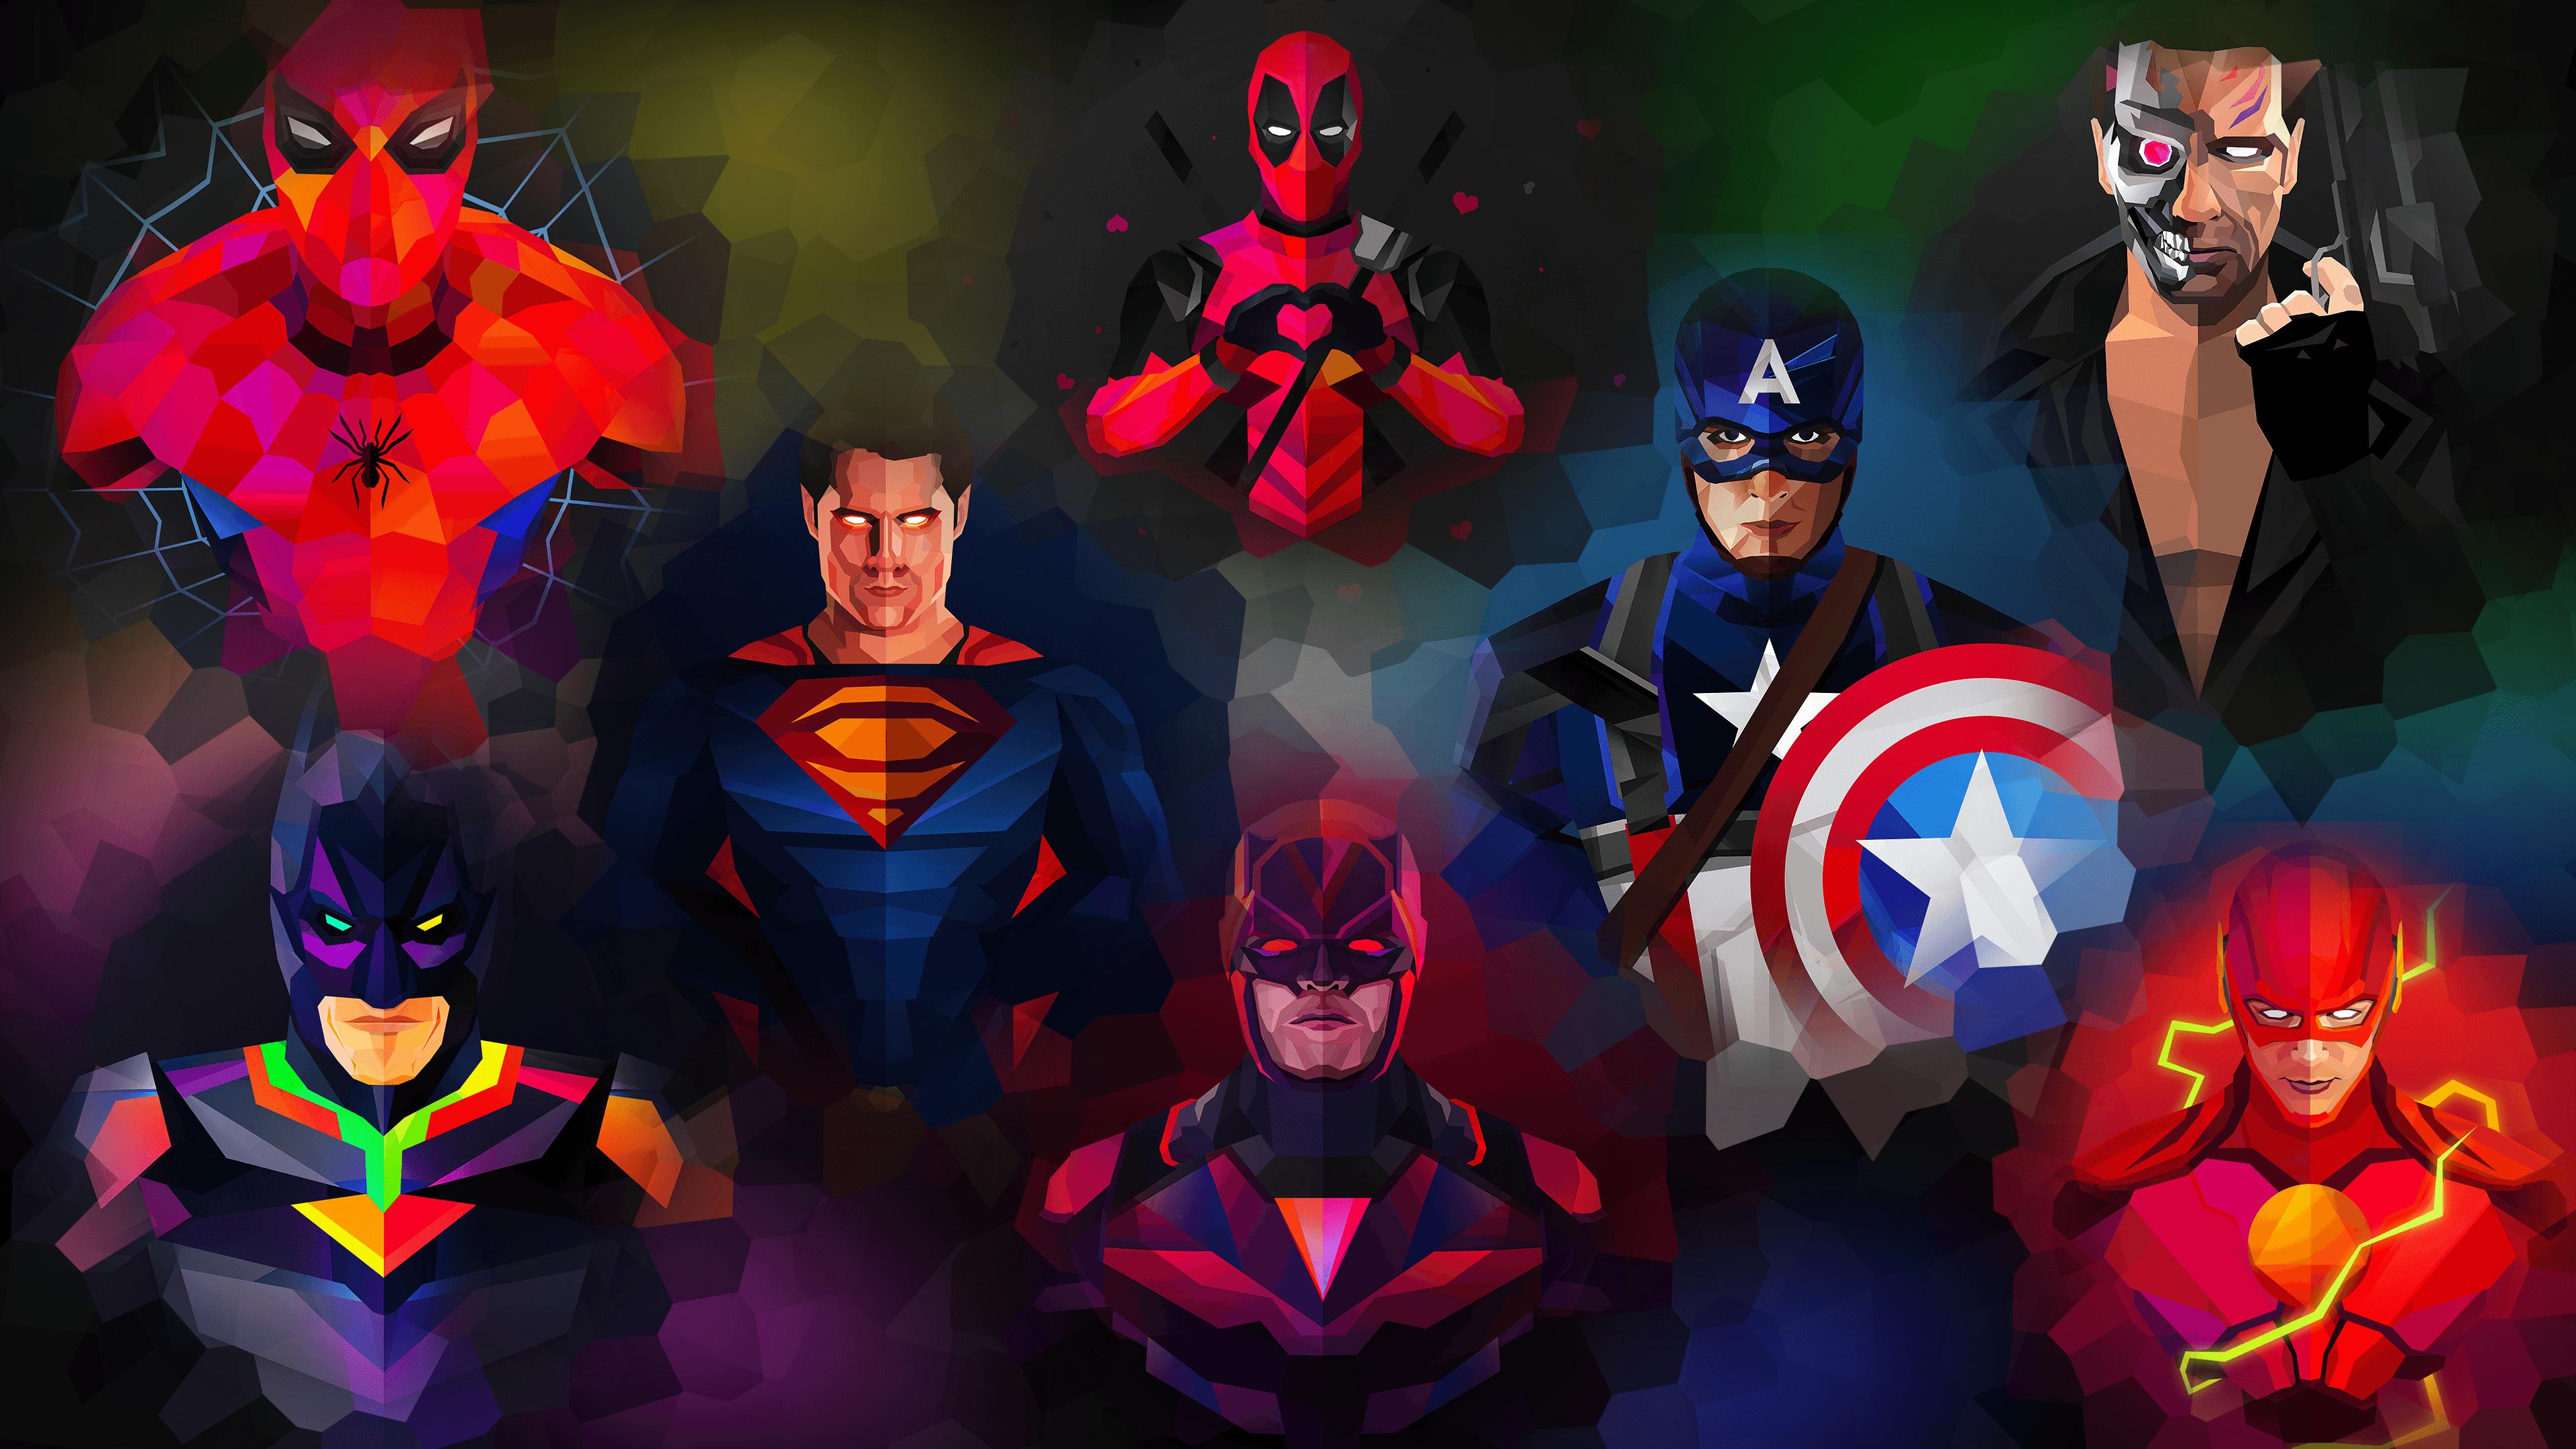 Super Hero Wallpapers Top Free Super Hero Backgrounds